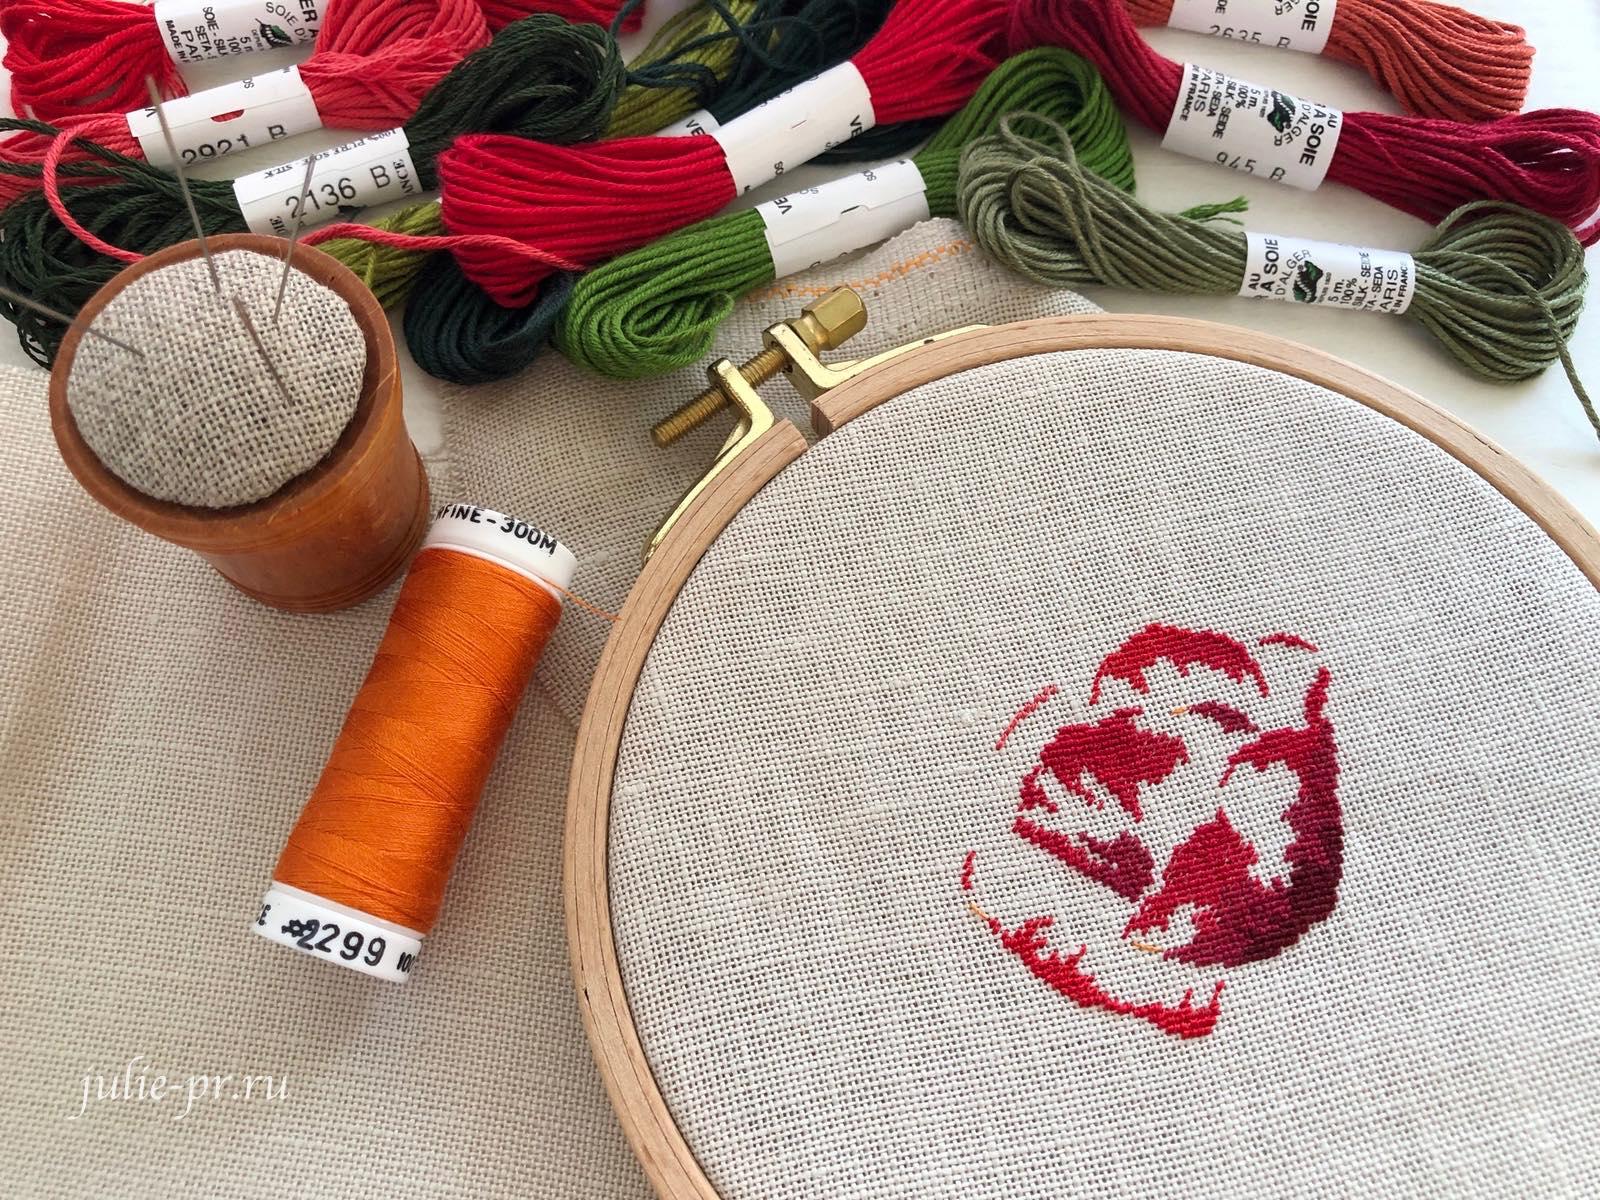 MTSA - Un coquelicot, petit point, вышивка крестом, мак, шелк Au ver à soie